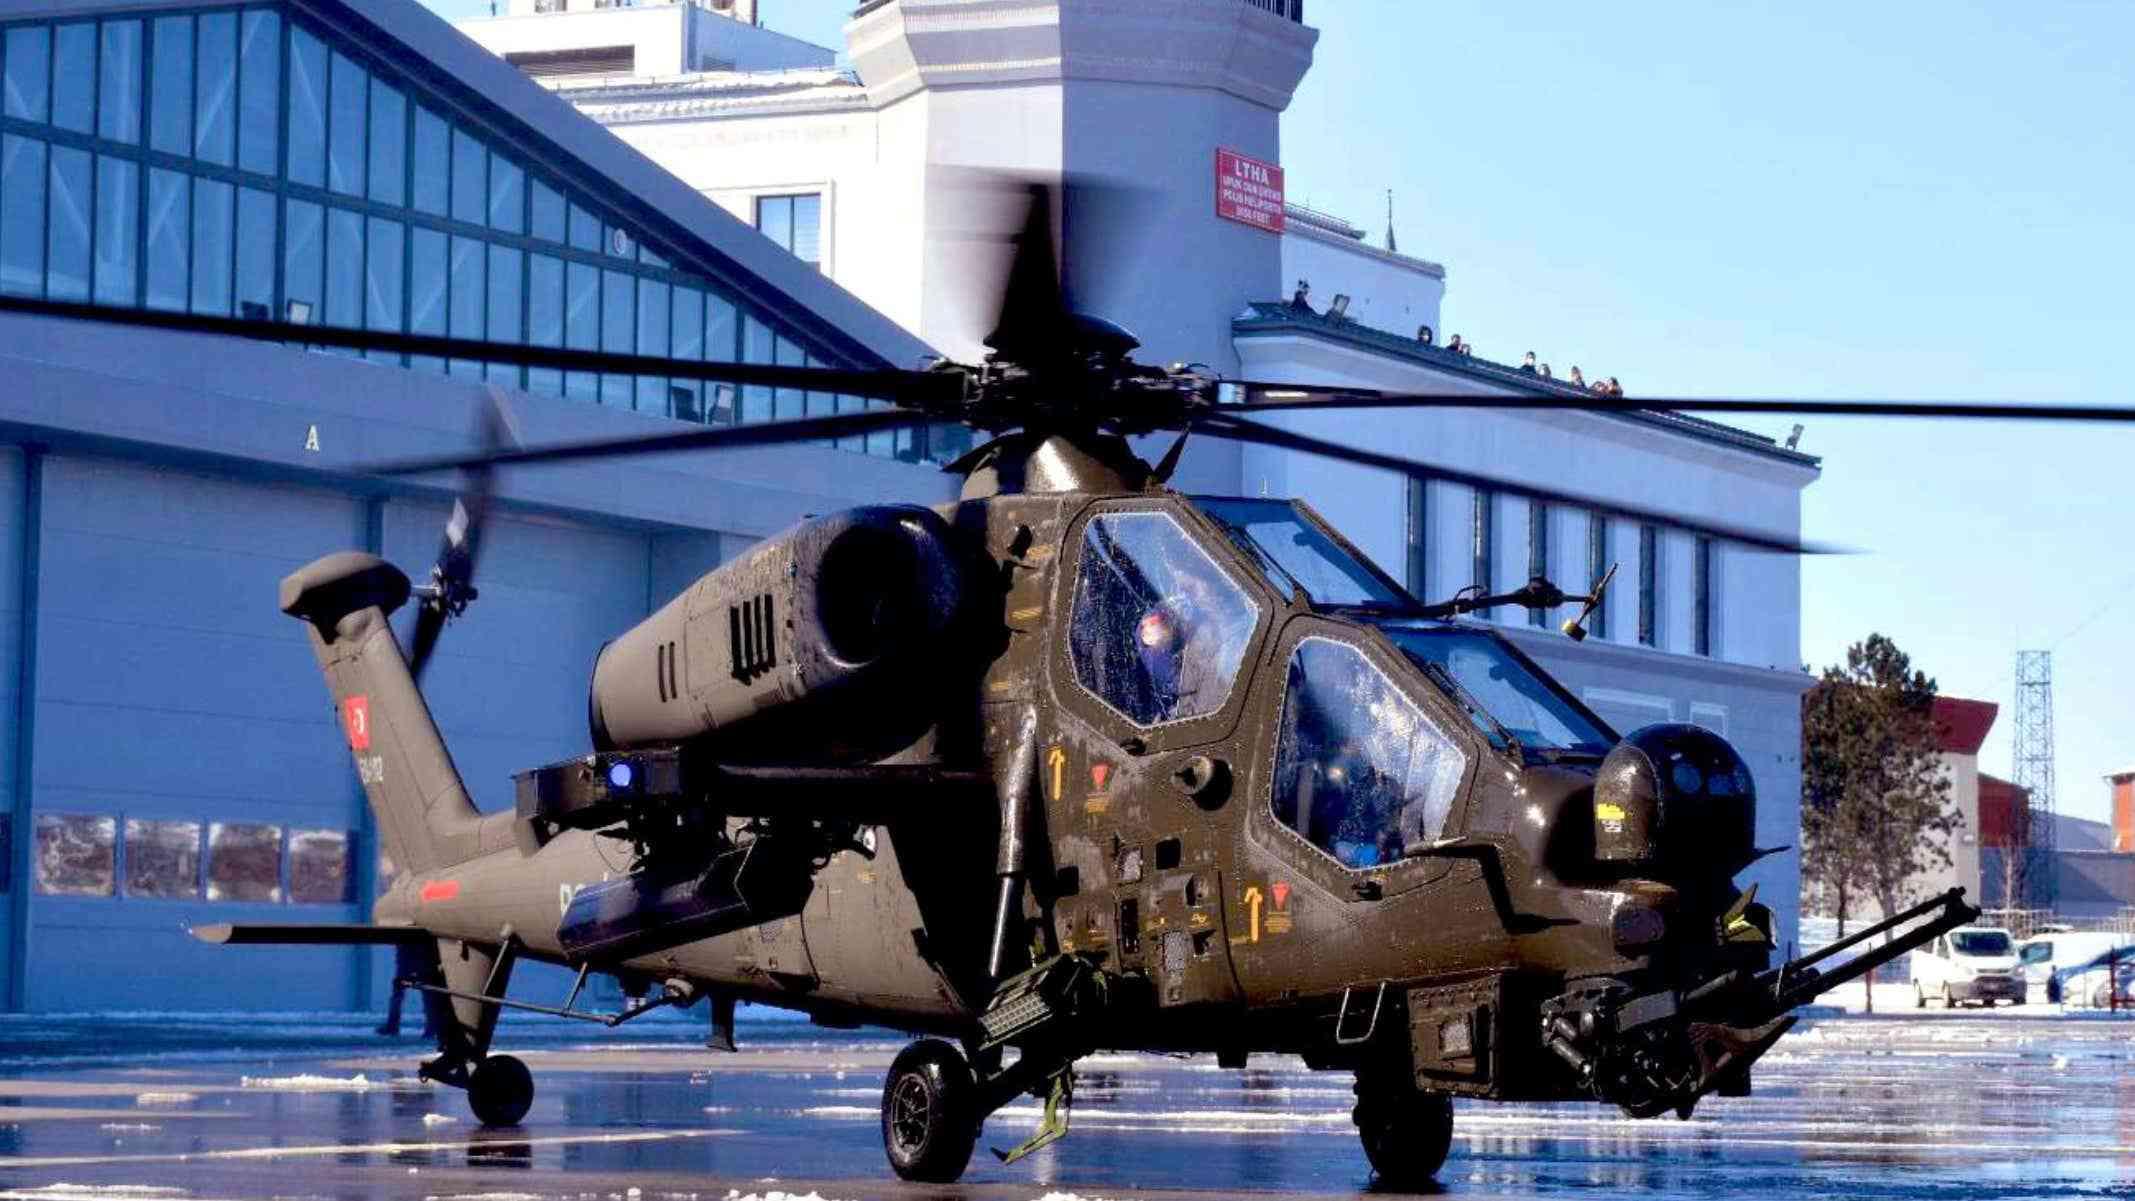 菲律宾购买6架武装直升机,单价仅阿帕奇五分之一,省钱却不省心